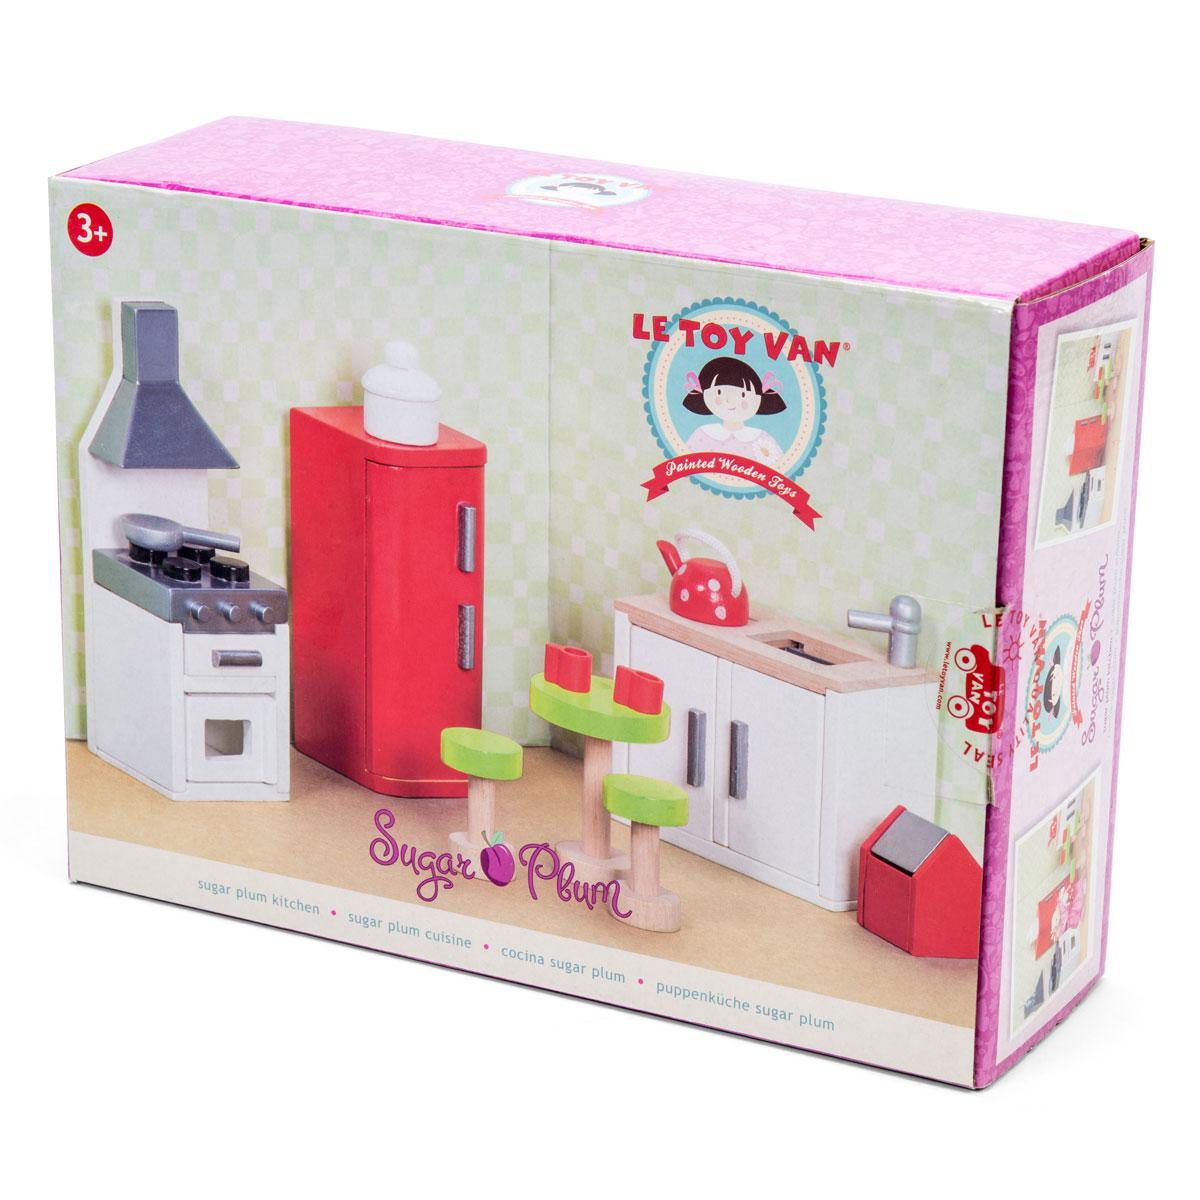 le toy van küche | jtleigh - hausgestaltung ideen